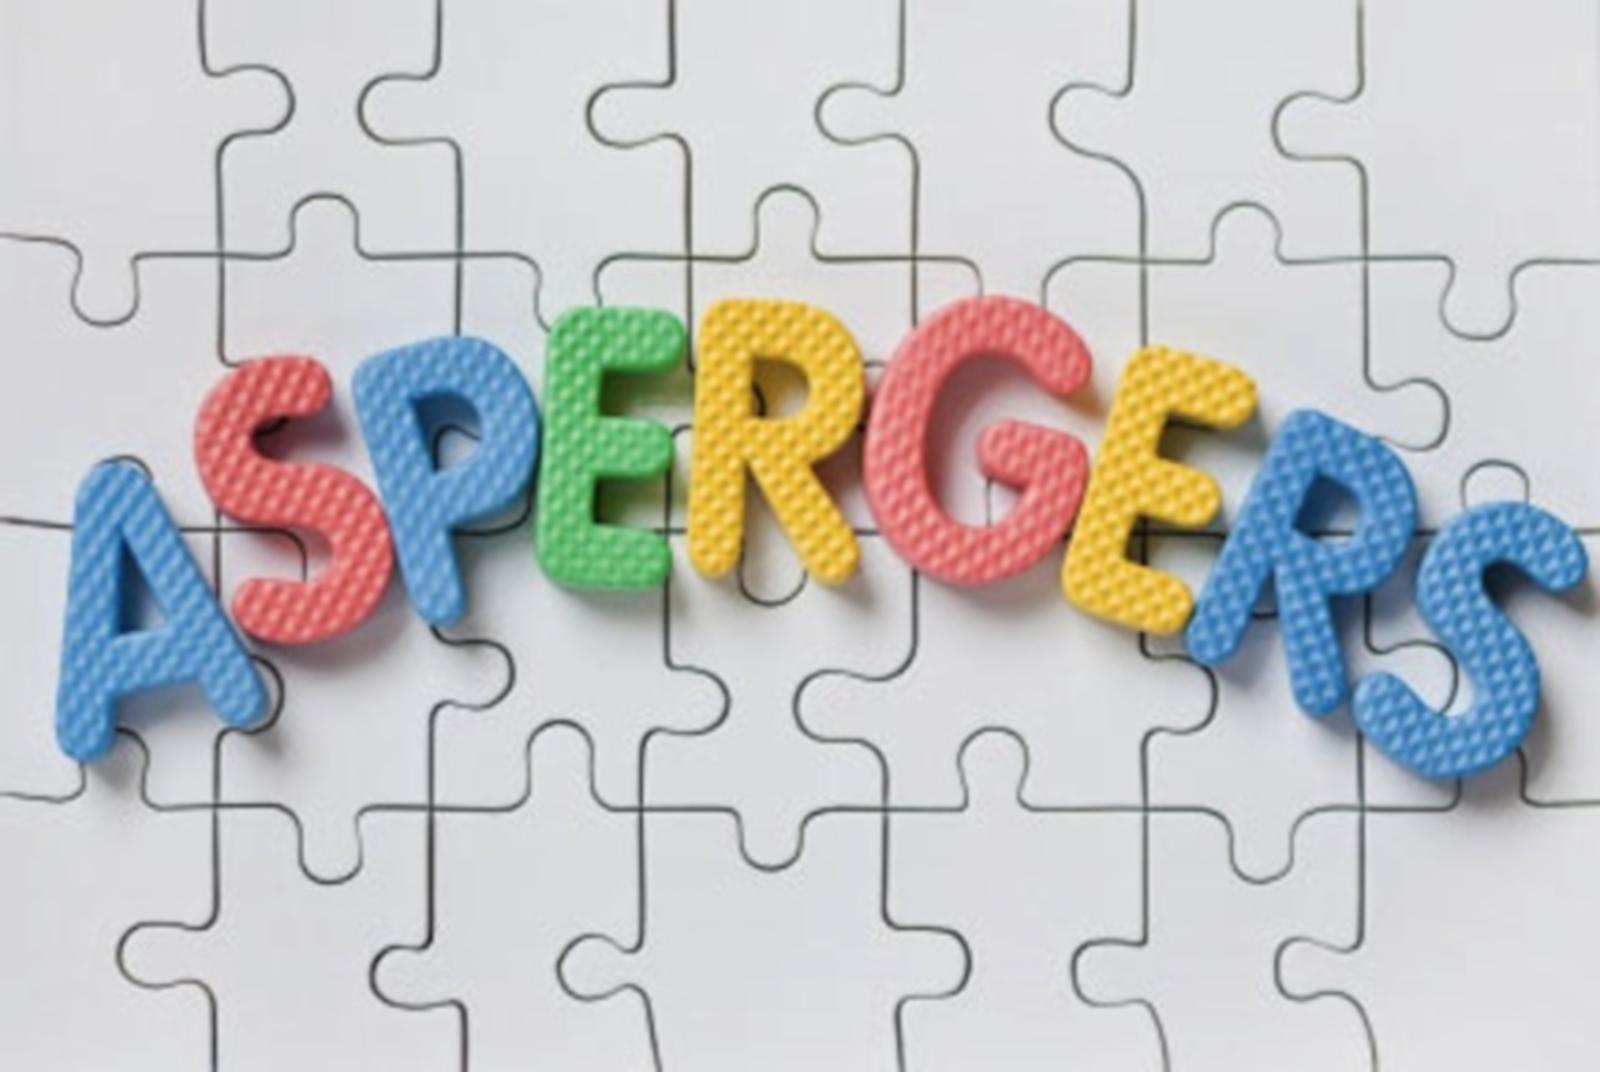 Κατάλληλα Εκπαιδευτικά Πλαίσια για Παιδιά με Σύνδρομο Asperger